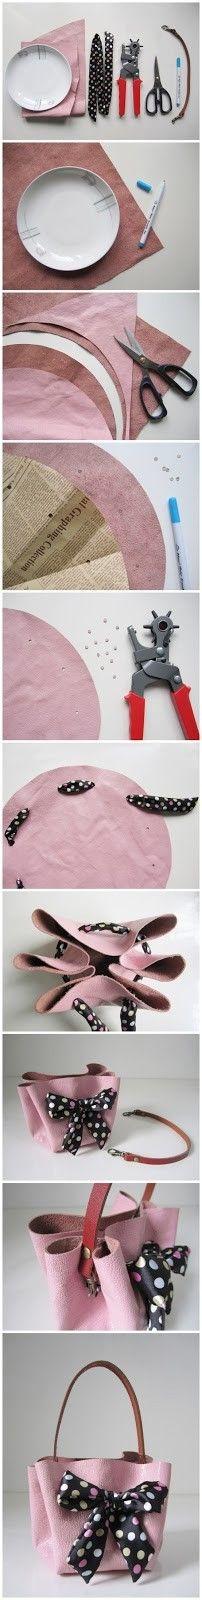 DIY Tote Bag....